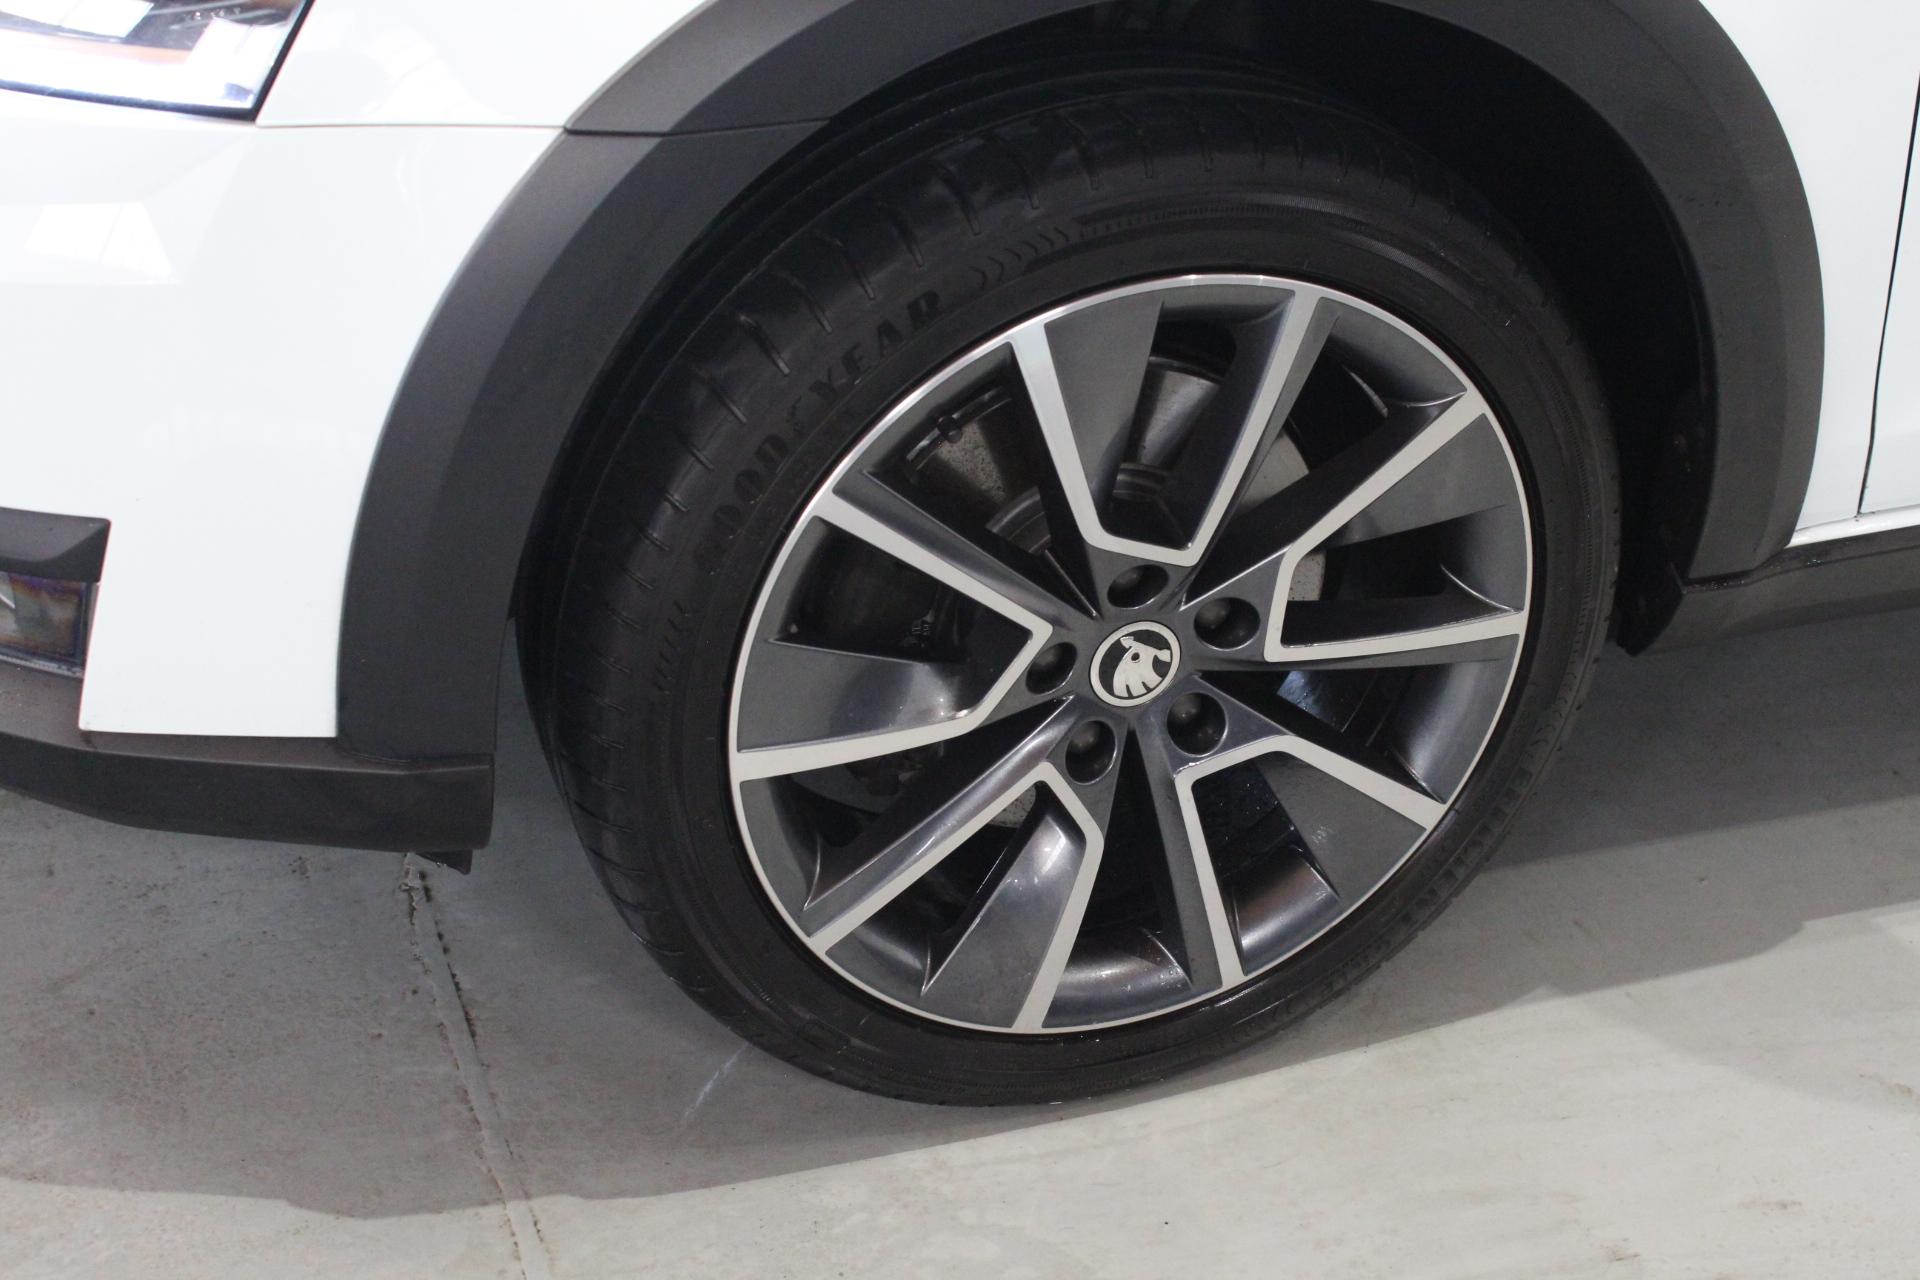 Škoda Octavia III Scout 4×4 Facelift 2.0 TDI DSG 135 kW Navigace Style - AutoBrela obrázek